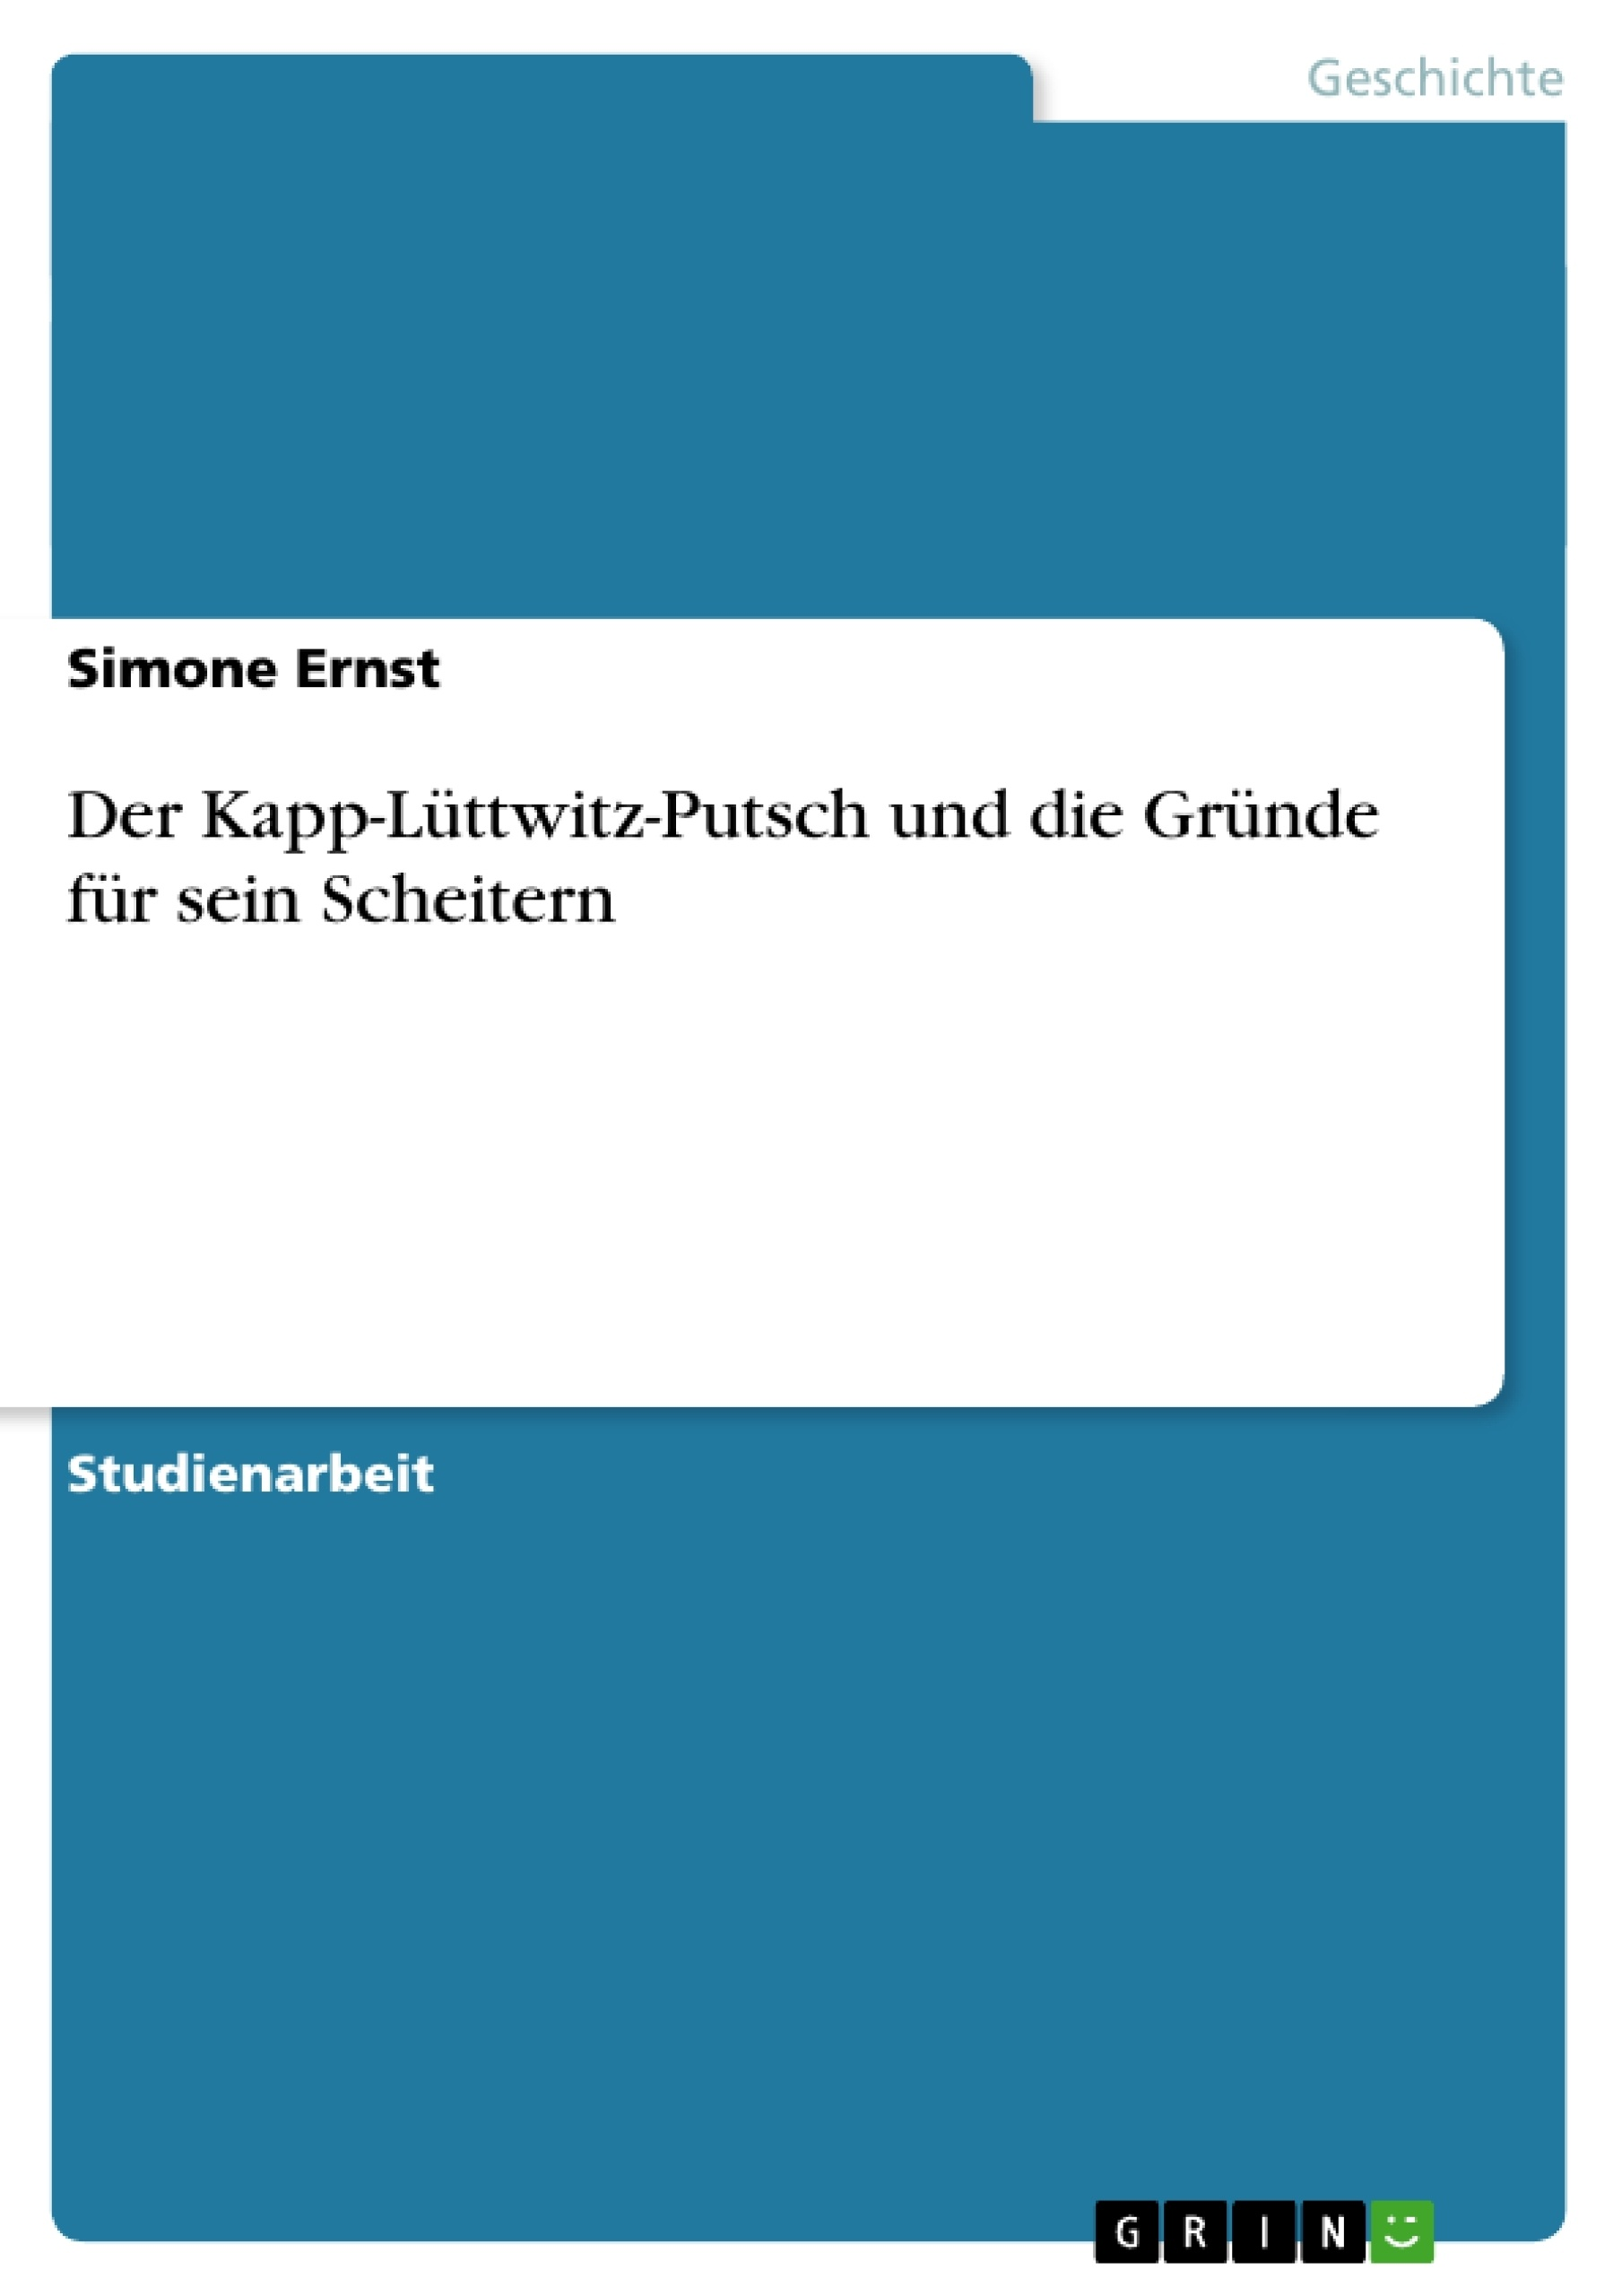 Titel: Der Kapp-Lüttwitz-Putsch und die Gründe für sein Scheitern